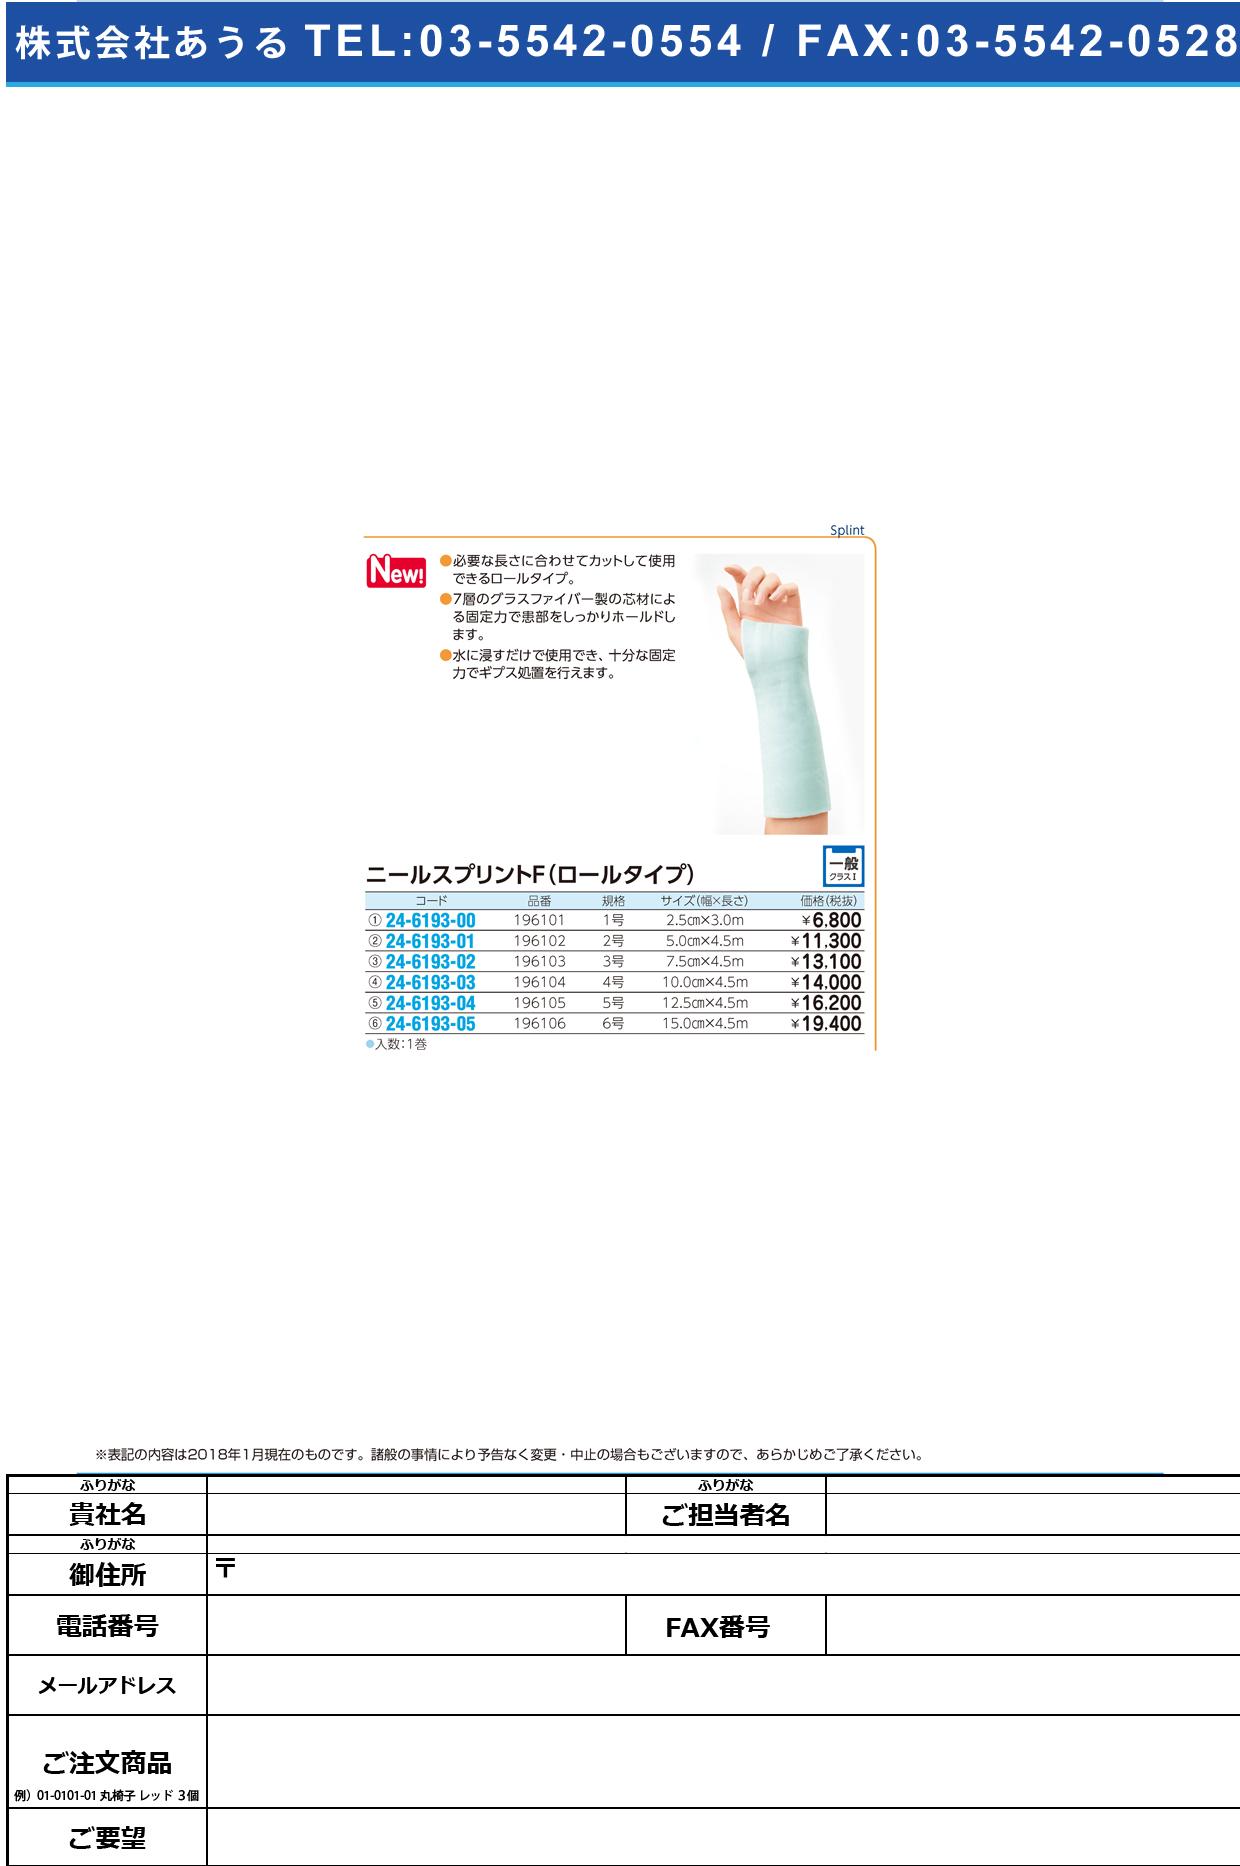 (24-6193-05)ニールスプリントF(ロール)6号 196106(15.0CMX4.5M) ニールスプリントF(ロール)(日本シグマックス)【1箱単位】【2018年カタログ商品】